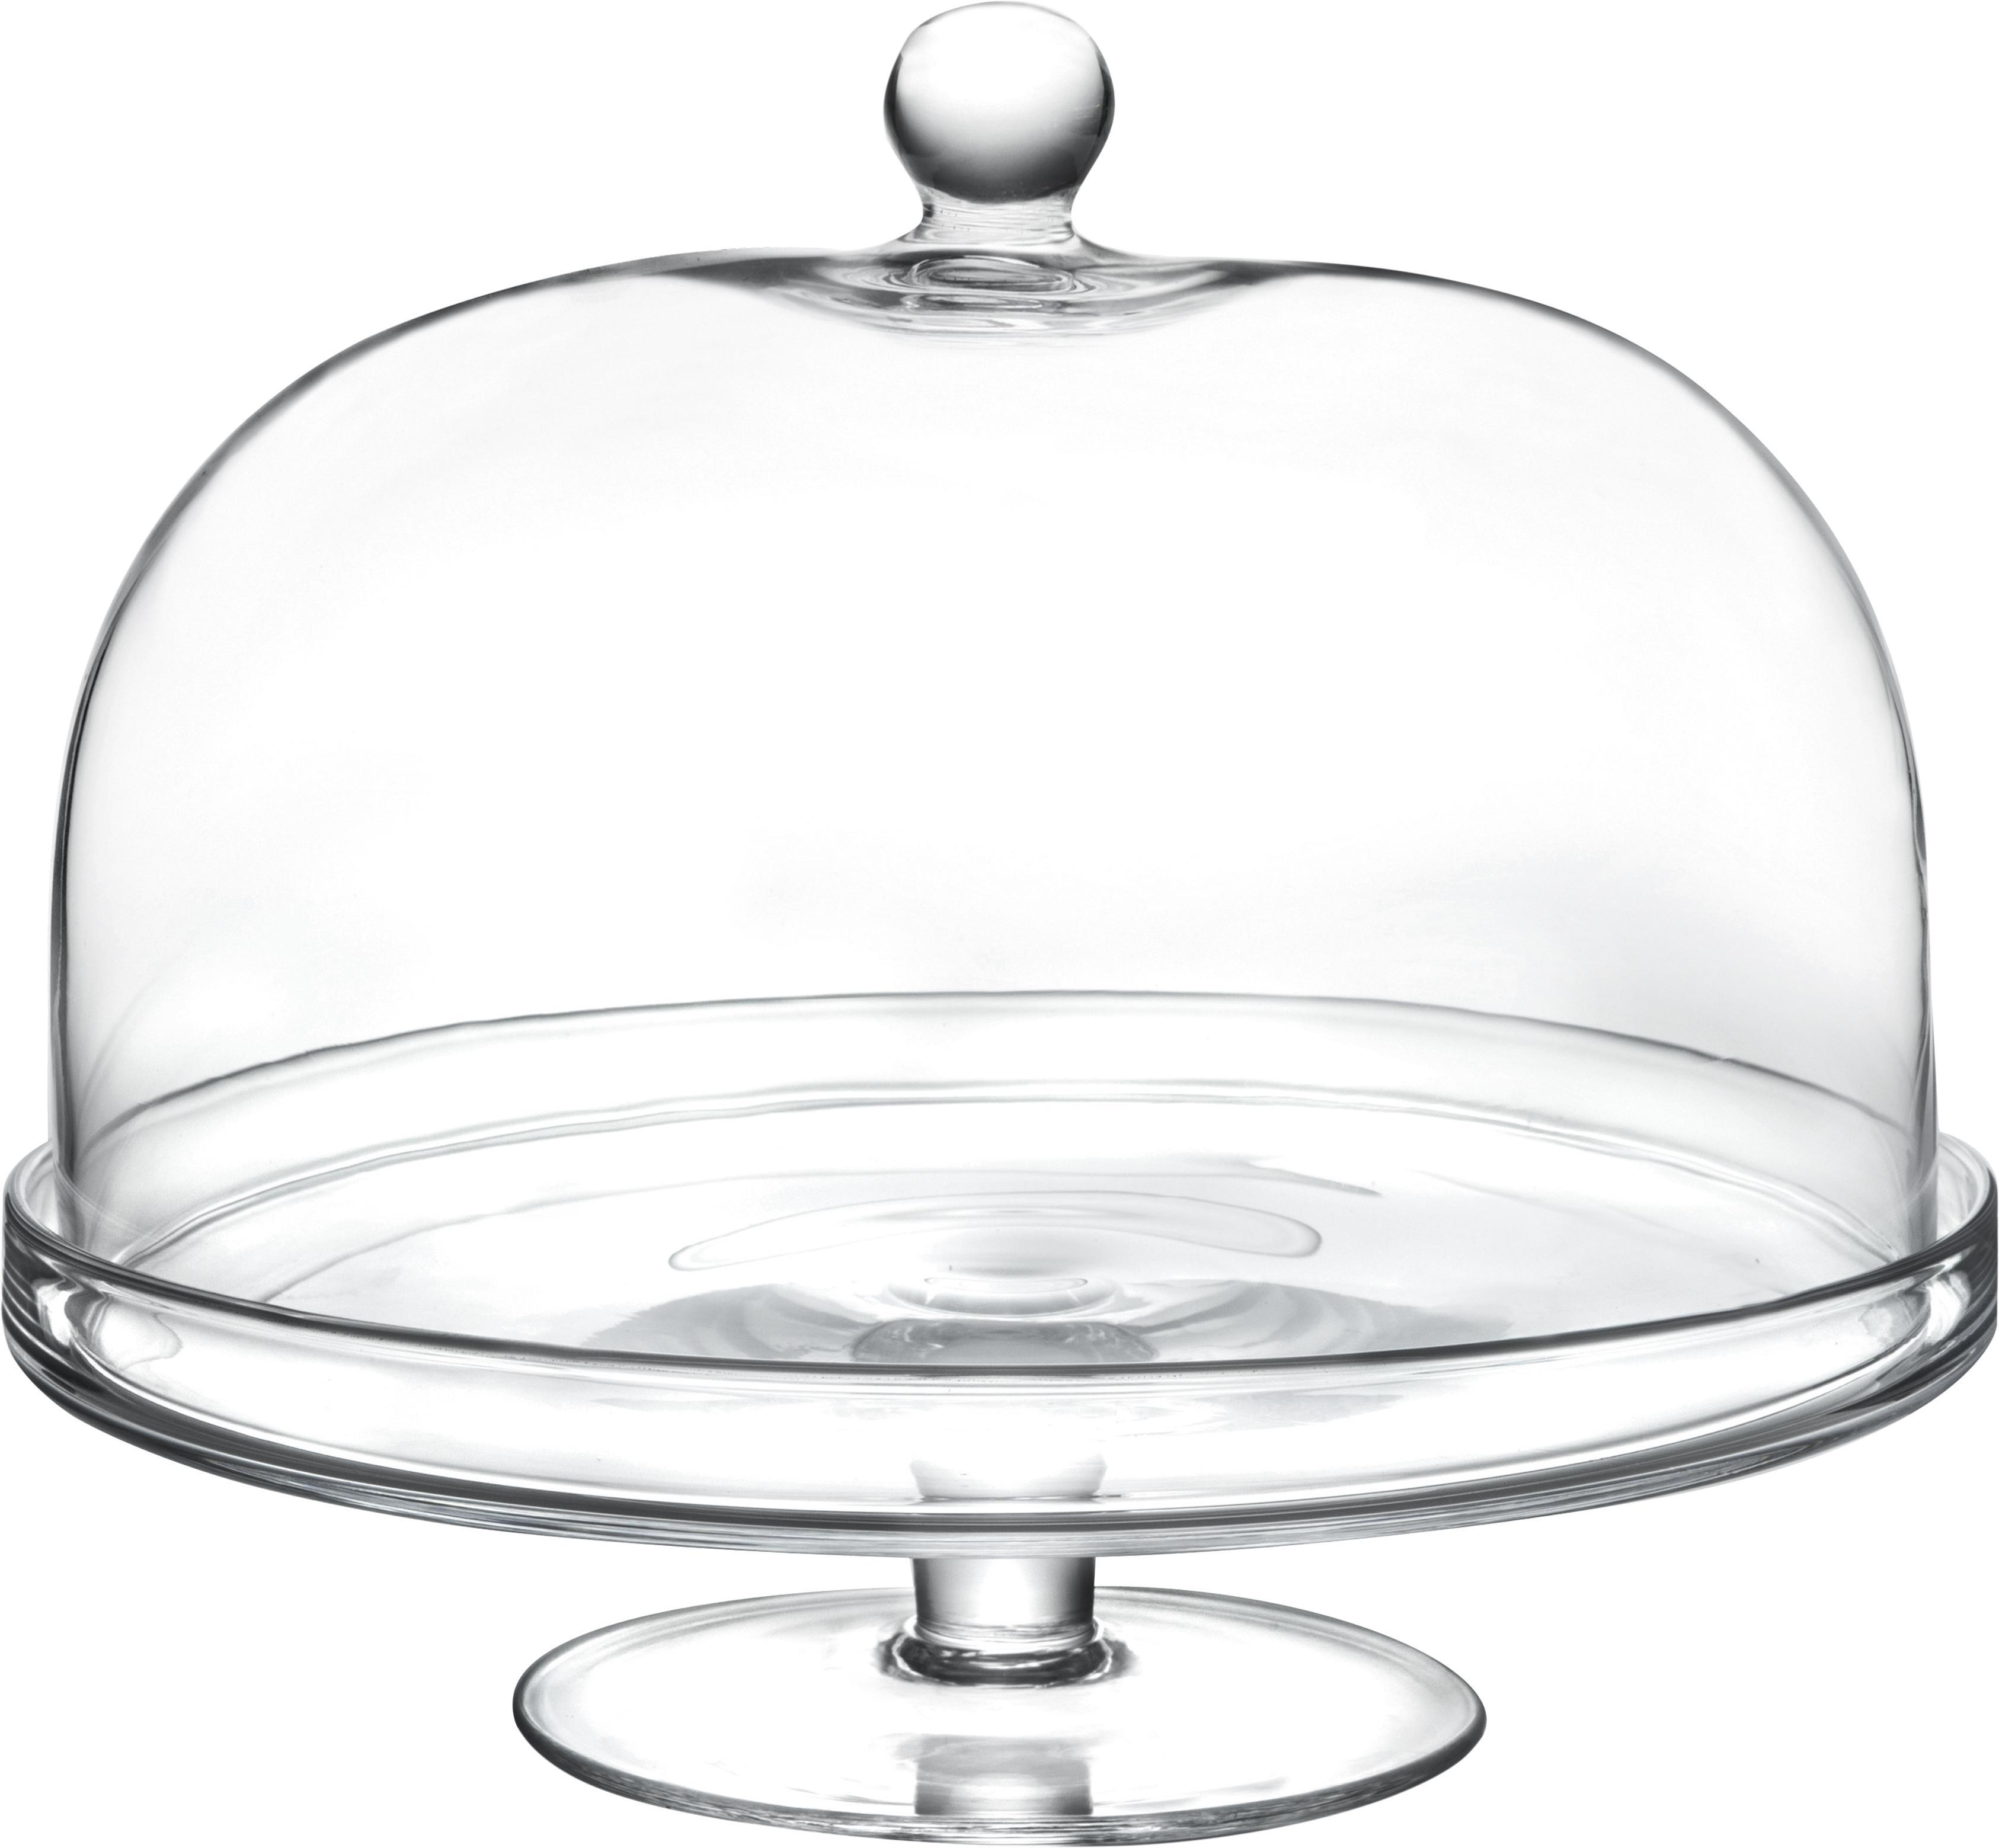 Alzata per dolci in cristallo Lia, Cristallo Luxion, Trasparente, Ø 30 x A 26 cm